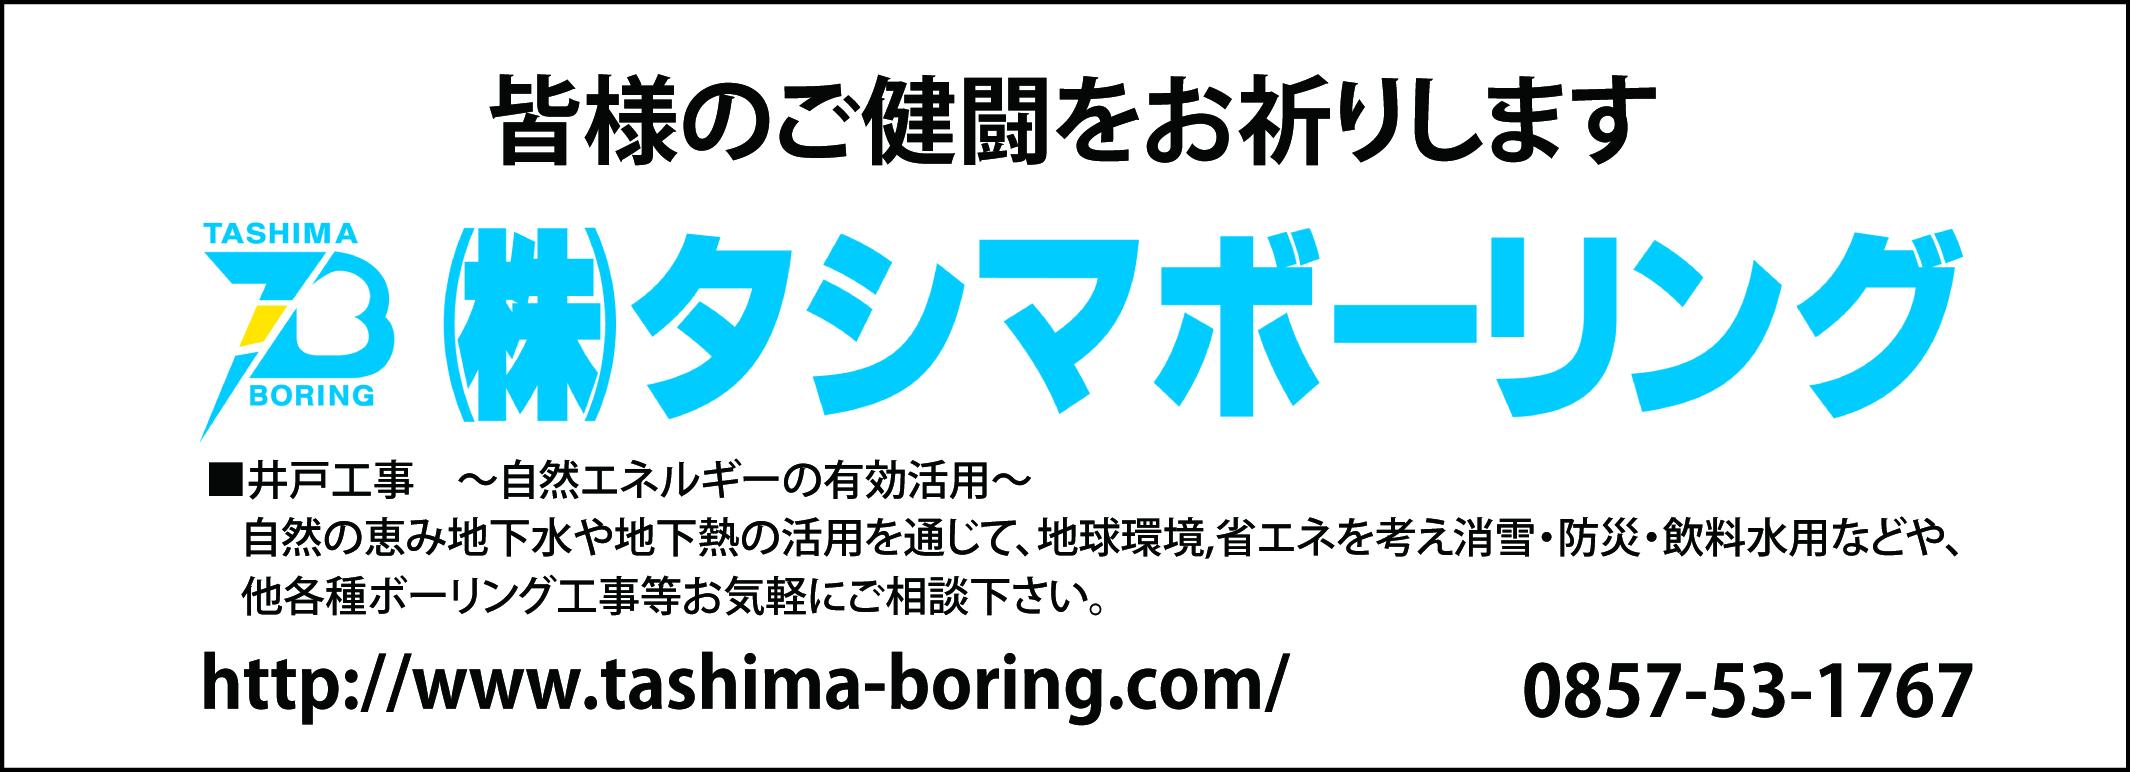 (株)タシマボーリング